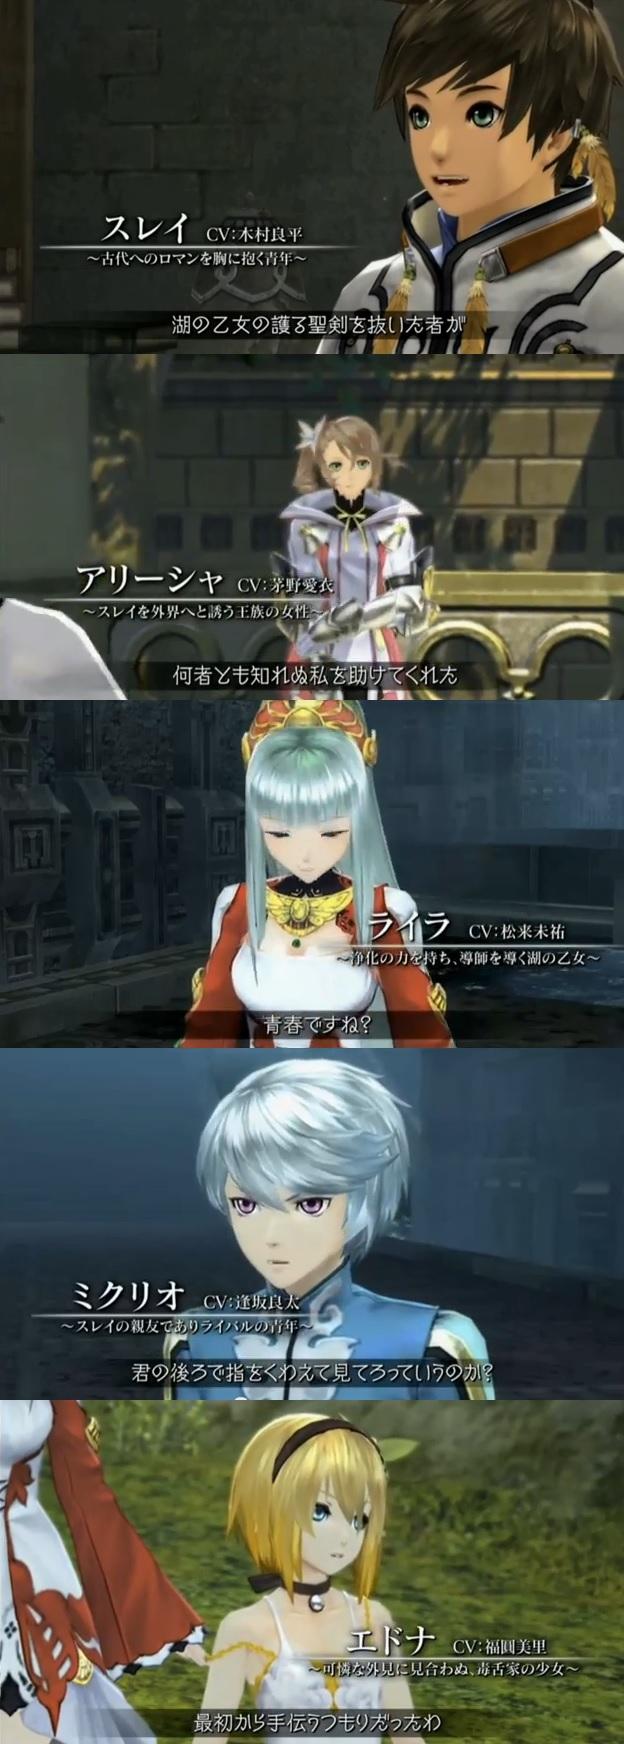 PS3『テイルズ オブ ゼスティリア』第2弾PV公開!